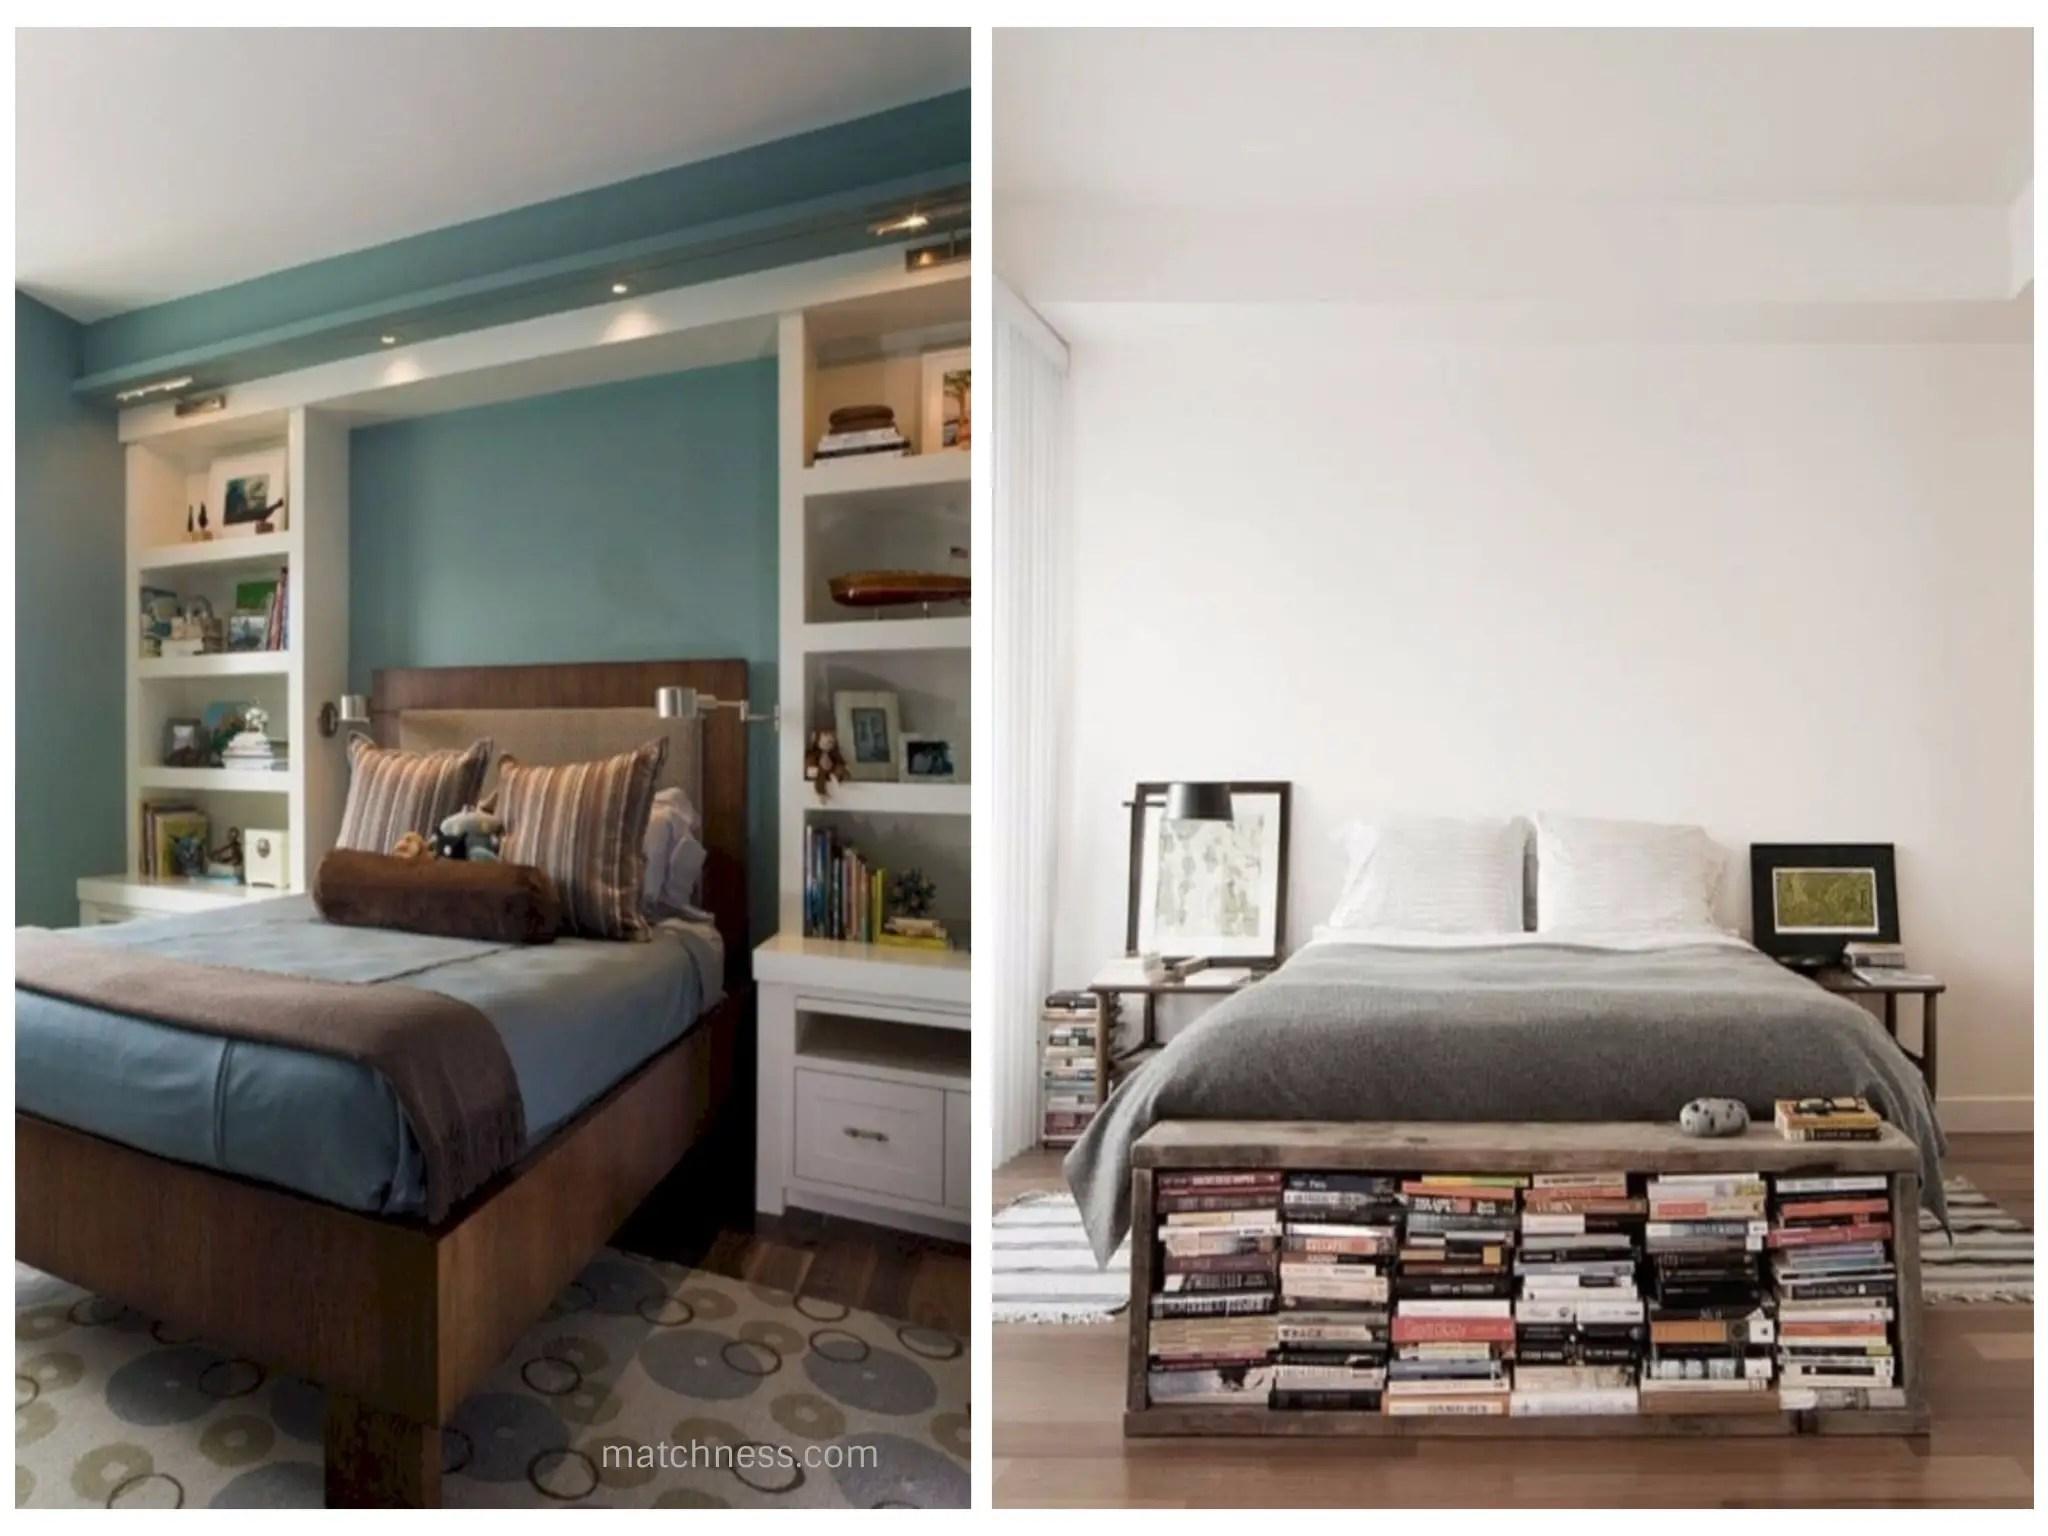 39 stunning bookshelves ideas for bedroom decoration